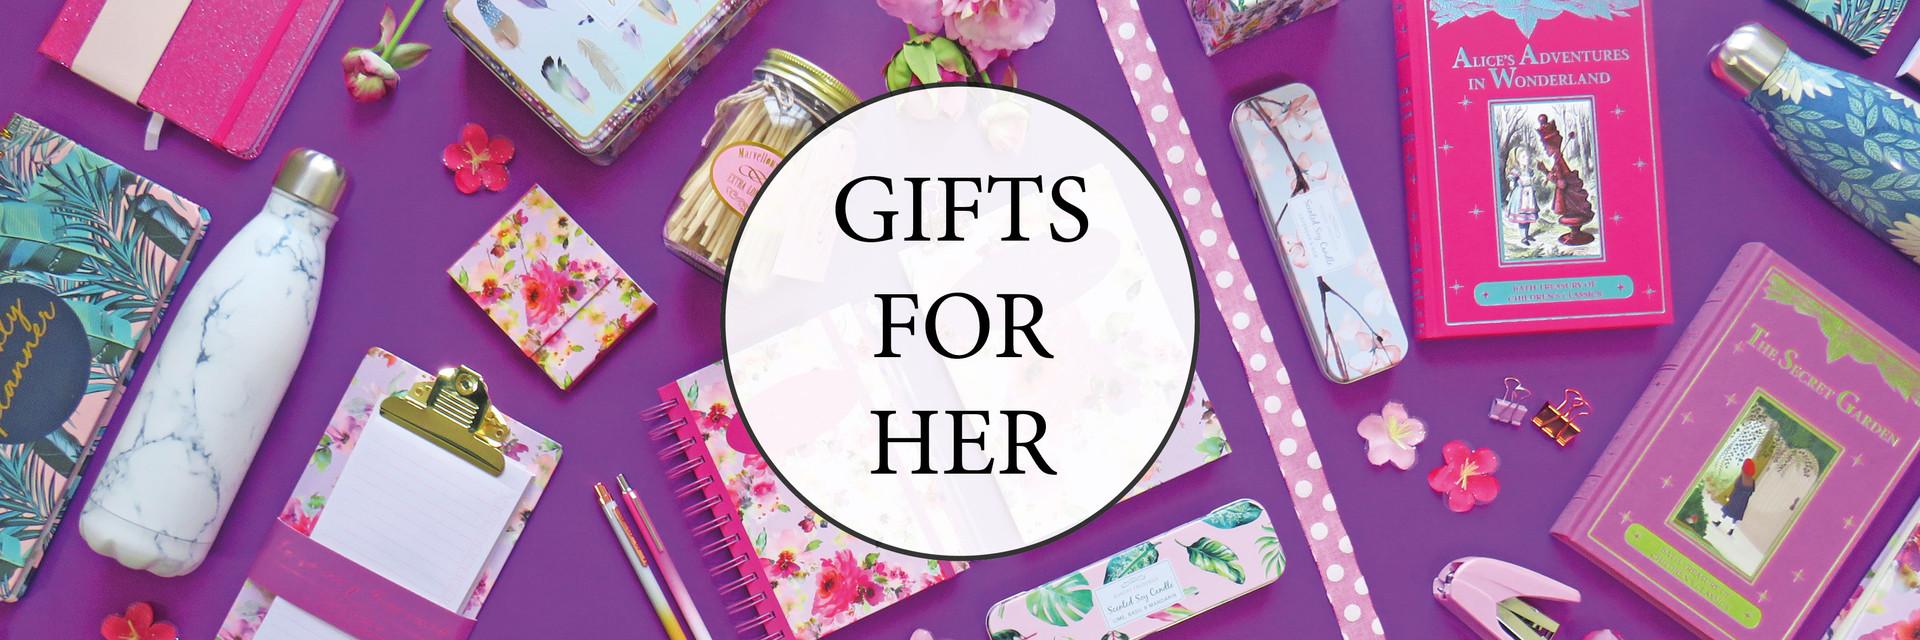 FOR Her.jpg